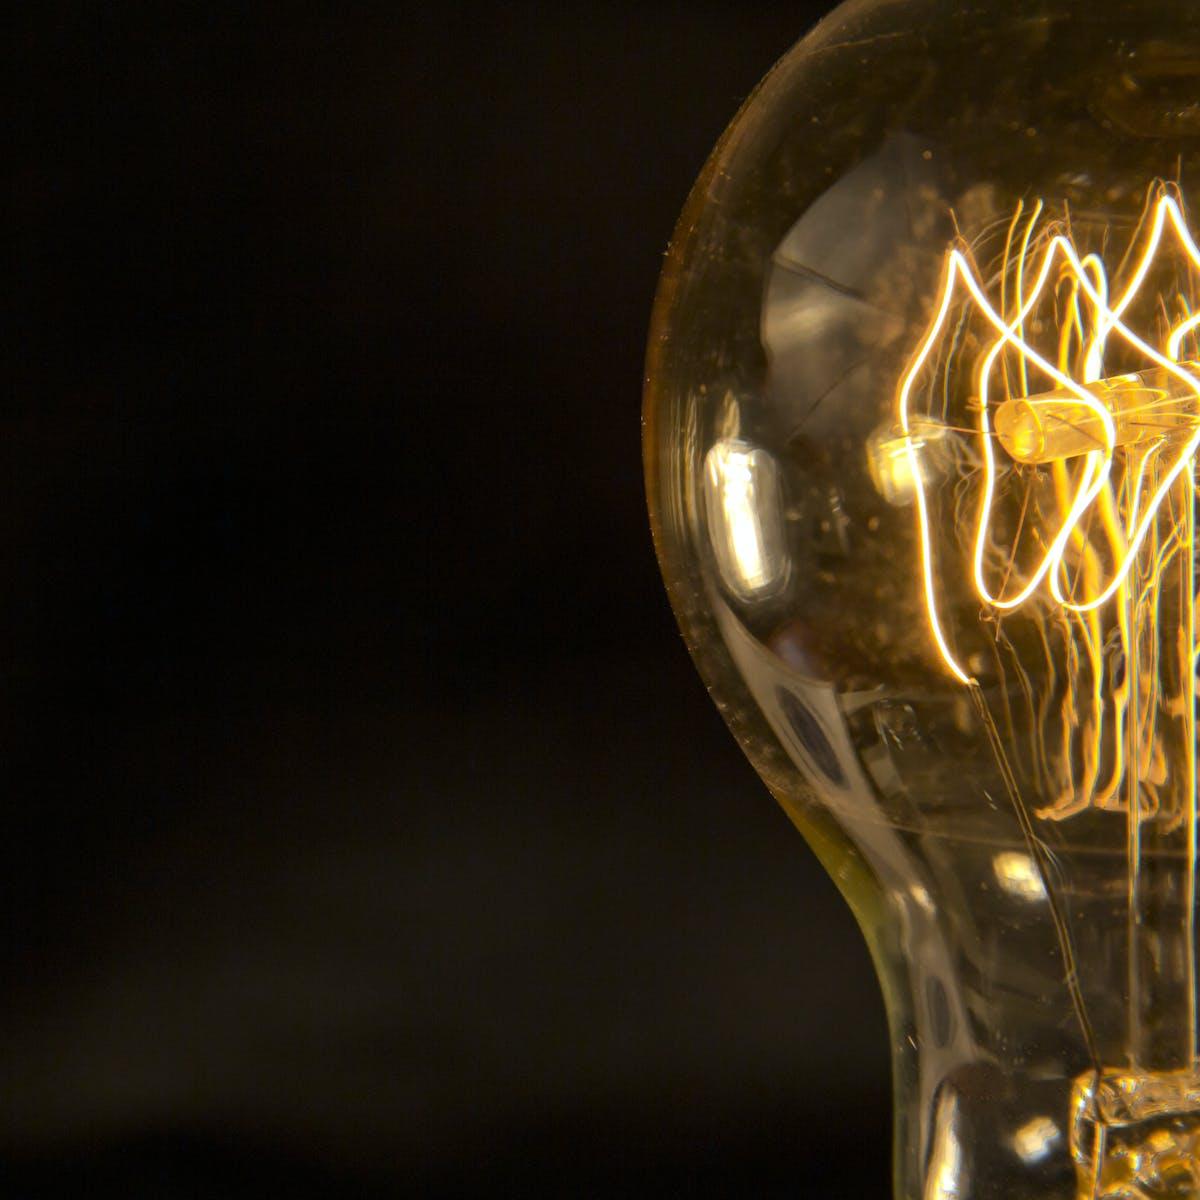 Thomas Edison: visionary, genius or fraud?